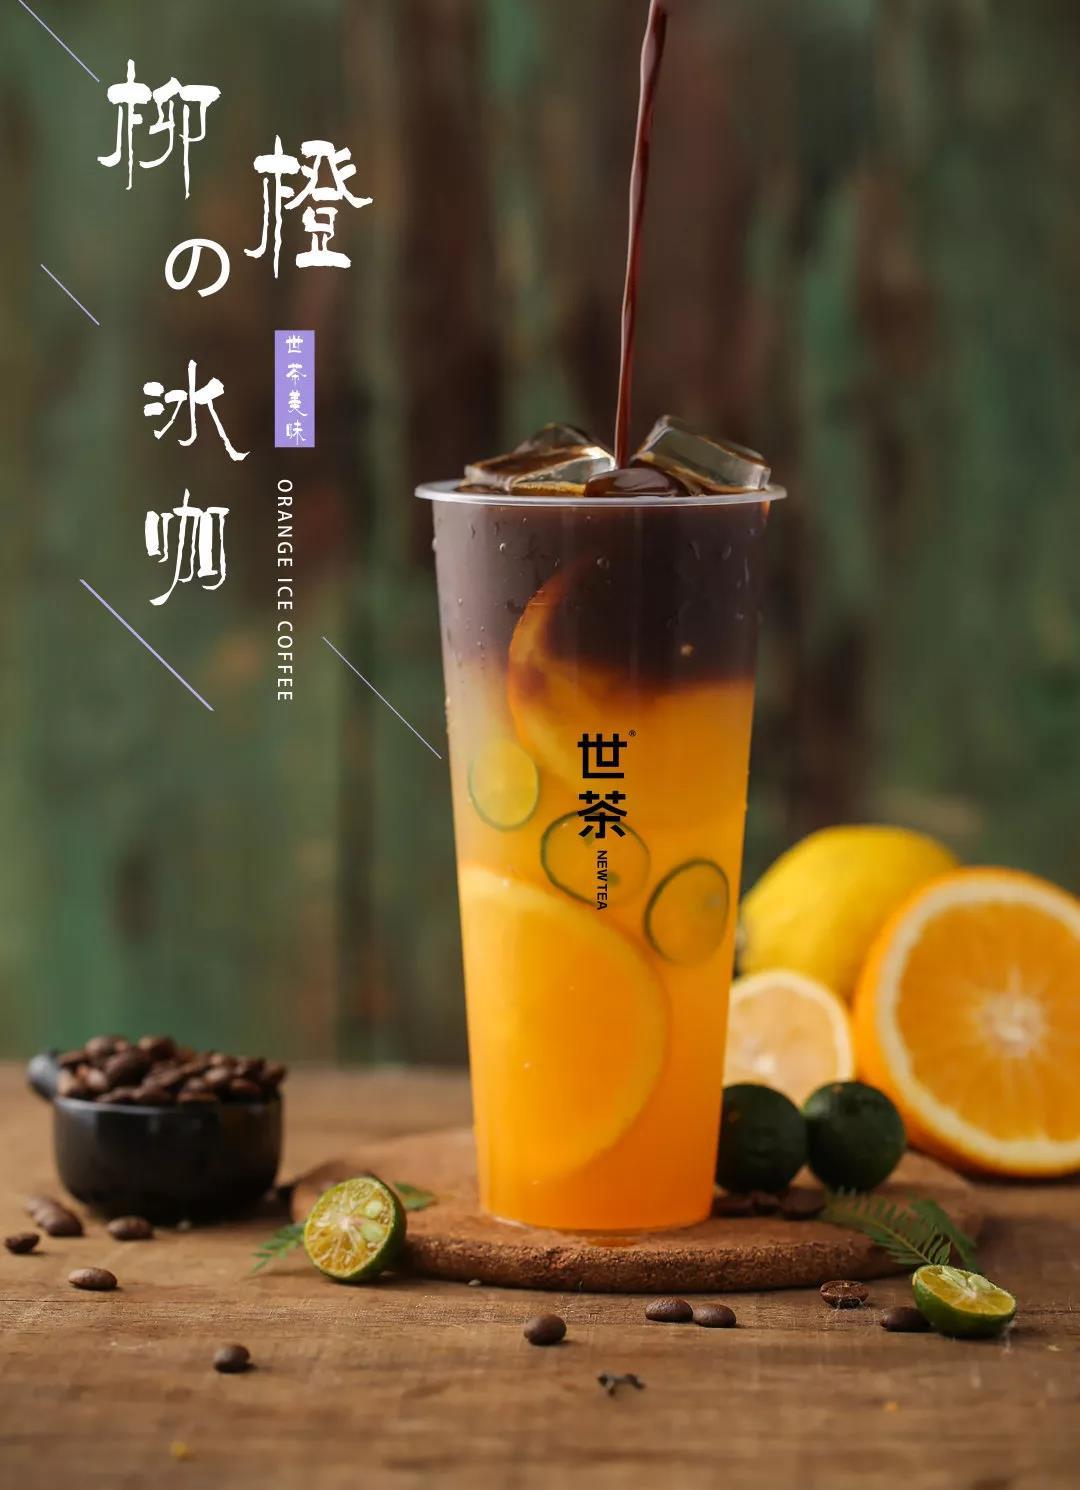 上海世茶人气怎么样?看这就知道了